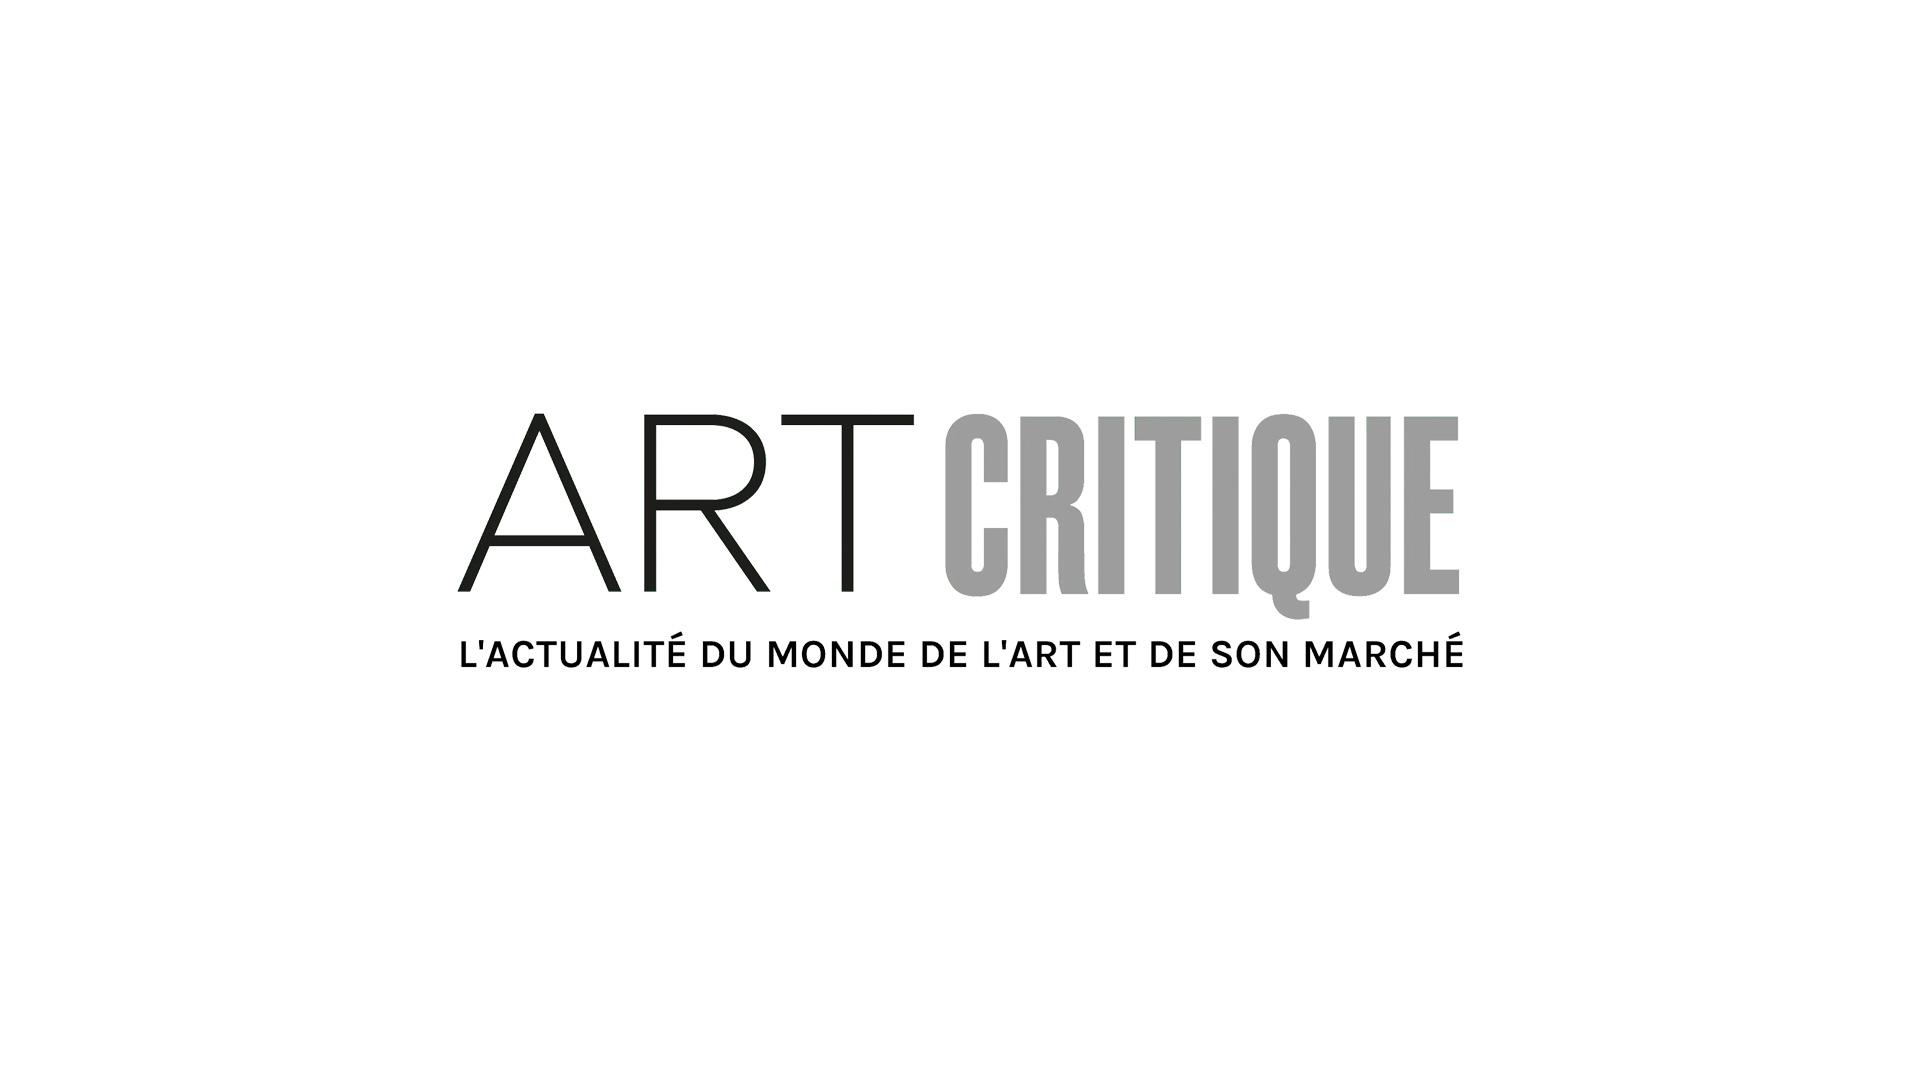 Georges Dorignac, parcours d'un artiste libre et fascinant